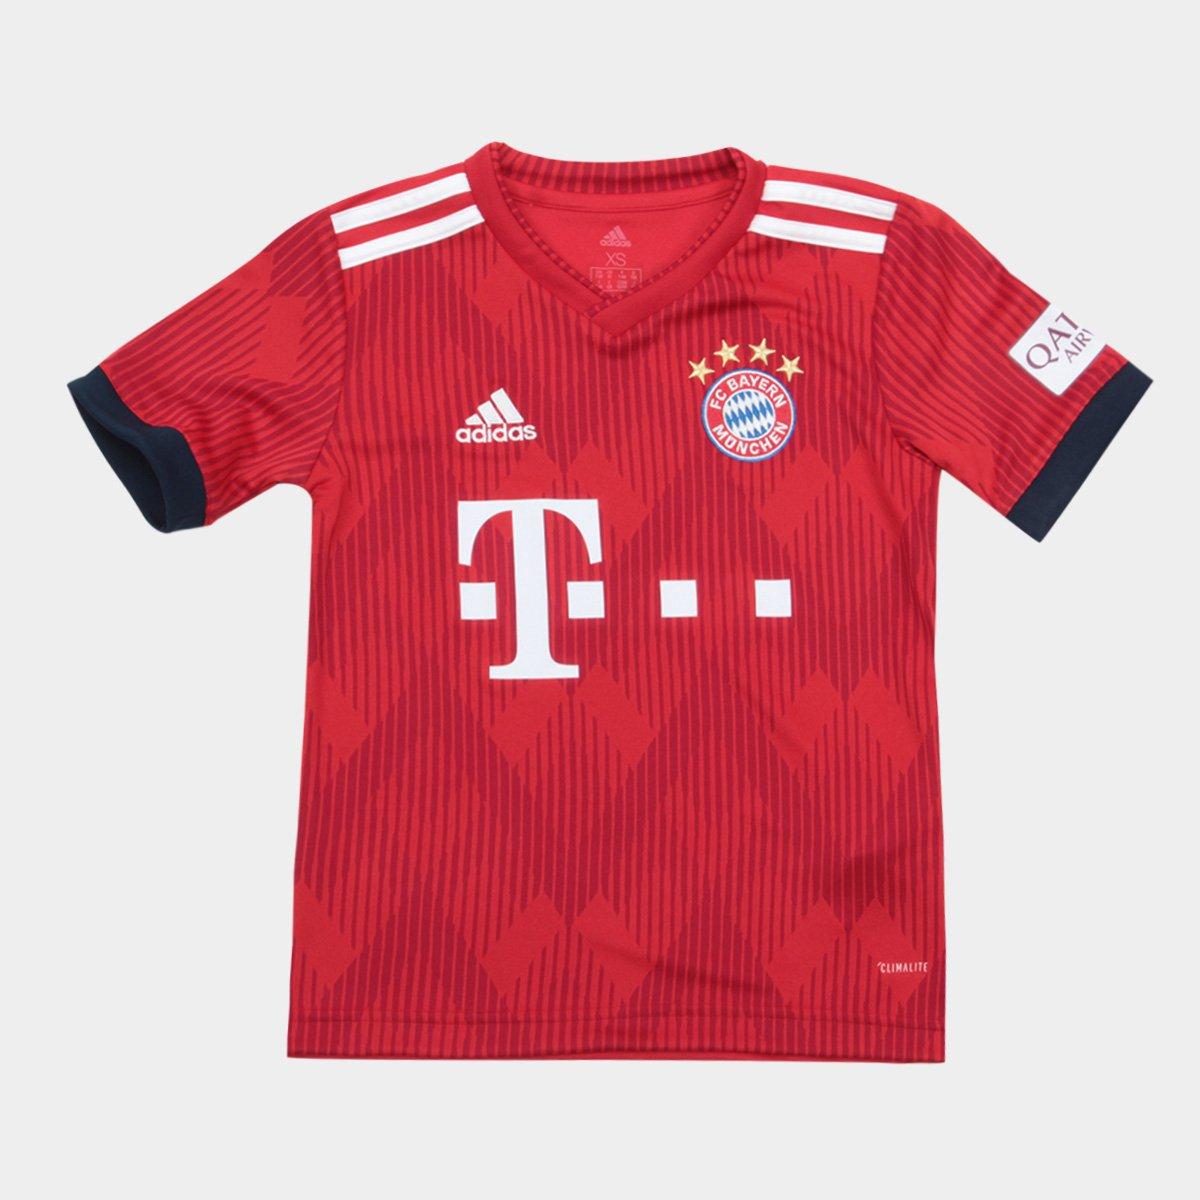 7bbc58f2e5ff0 Camisa Bayern de Munique Infantil Home 2018 s n° - Torcedor Adidas -  Vermelho e Branco - Compre Agora